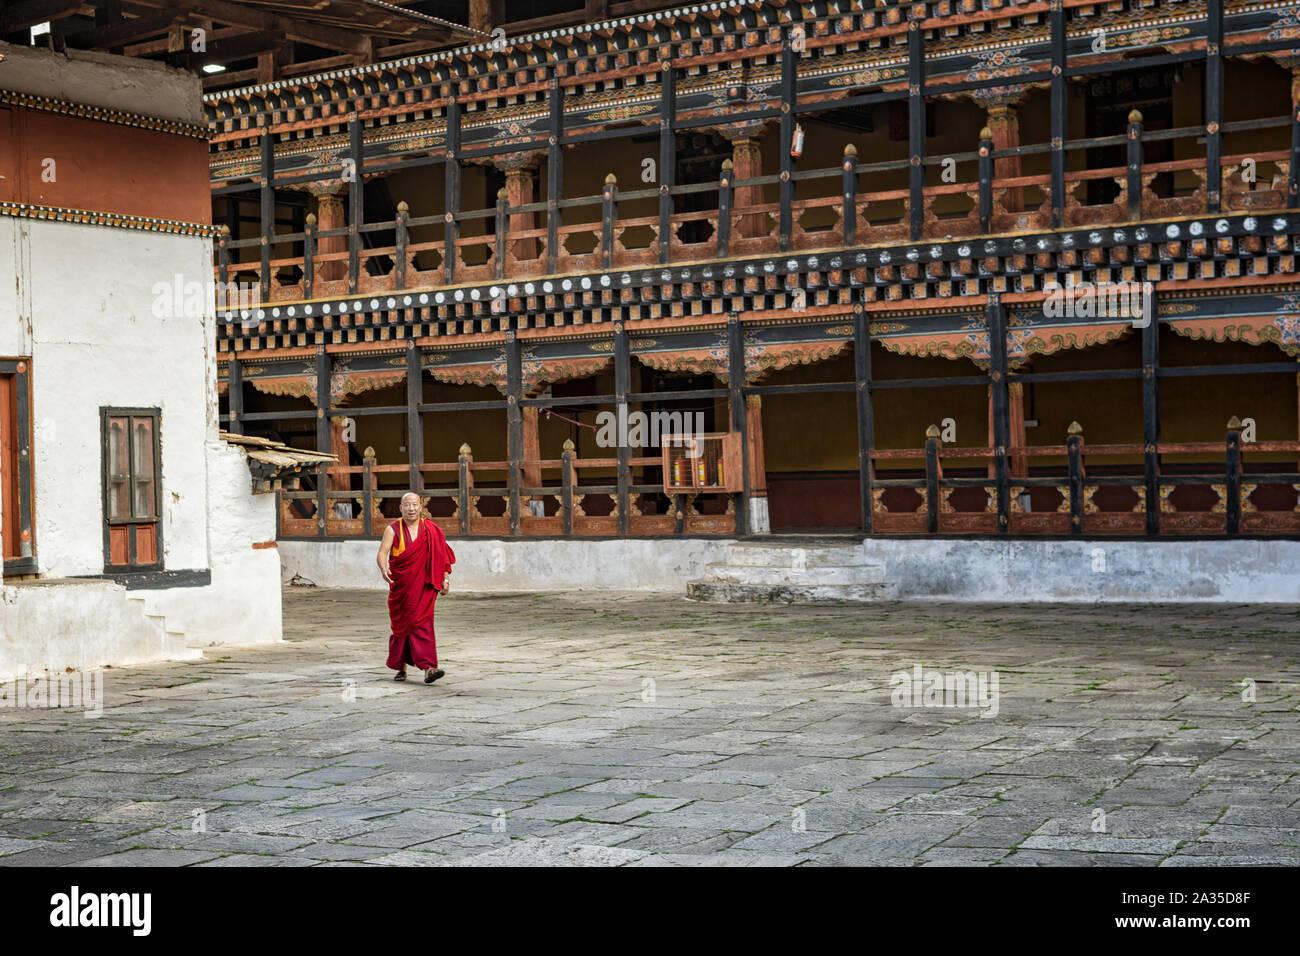 Monk in the courtyard of the Paro dzong (Rinpung Dzong), Bhutan Stock Photo